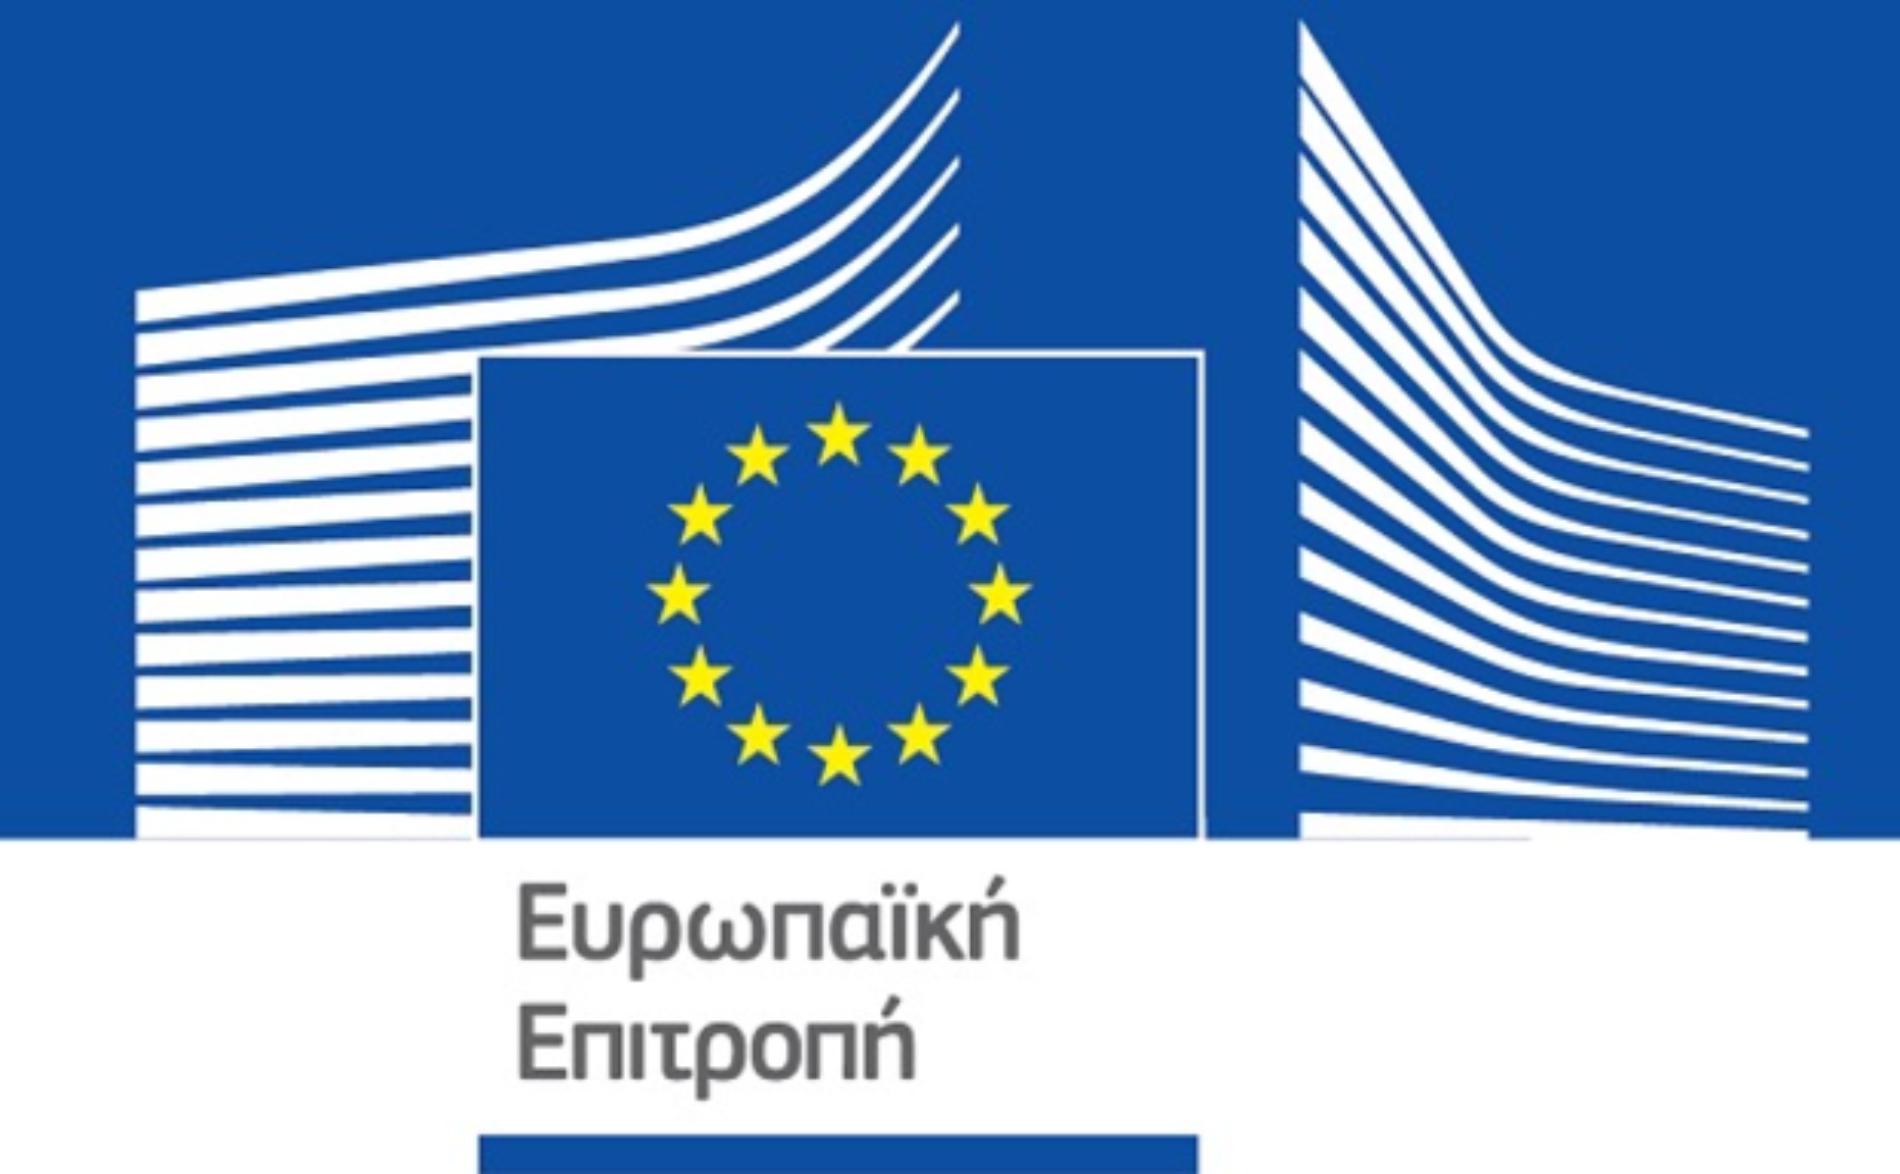 Κυκλική οικονομία: Νέος κανονισμός για την προώθηση της χρήσης βιολογικών λιπασμάτων και λιπασμάτων που παράγονται από απόβλητα